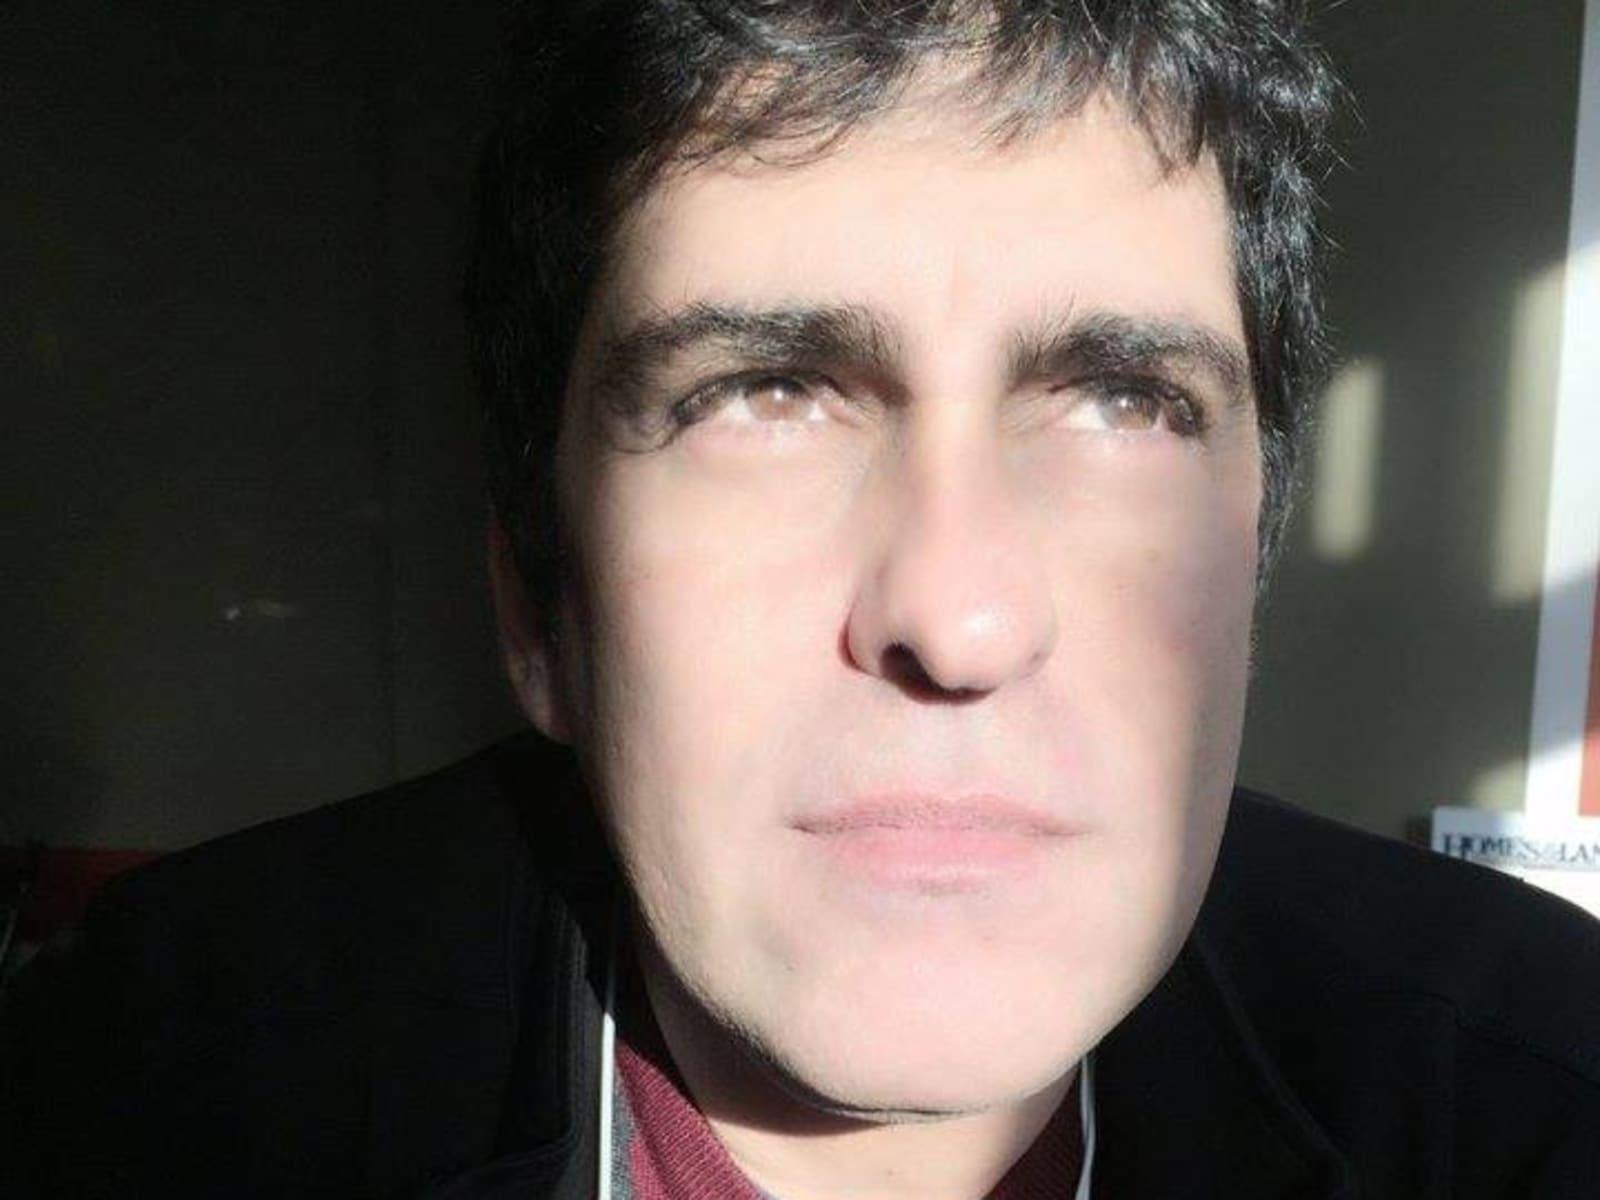 Alberto from Victoria, British Columbia, Canada